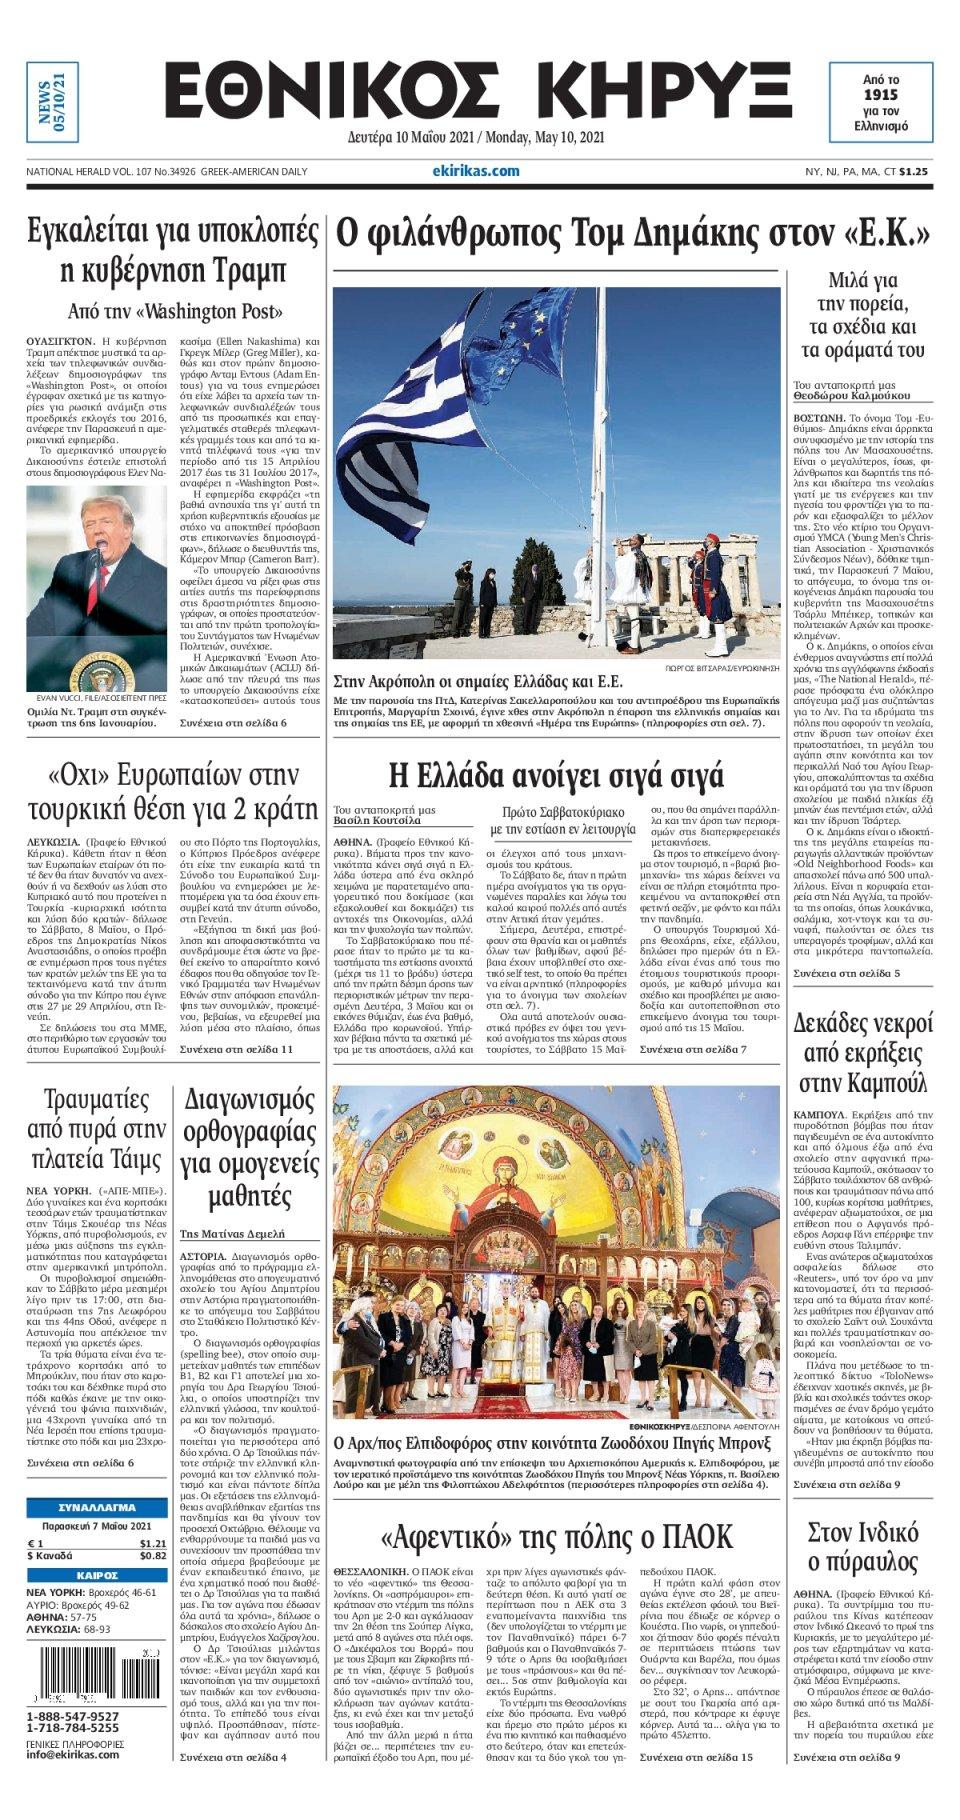 Πρωτοσέλιδο Εφημερίδας - ΕΘΝΙΚΟΣ ΚΗΡΥΞ ΝΕΑΣ ΥΟΡΚΗΣ - 2021-05-10